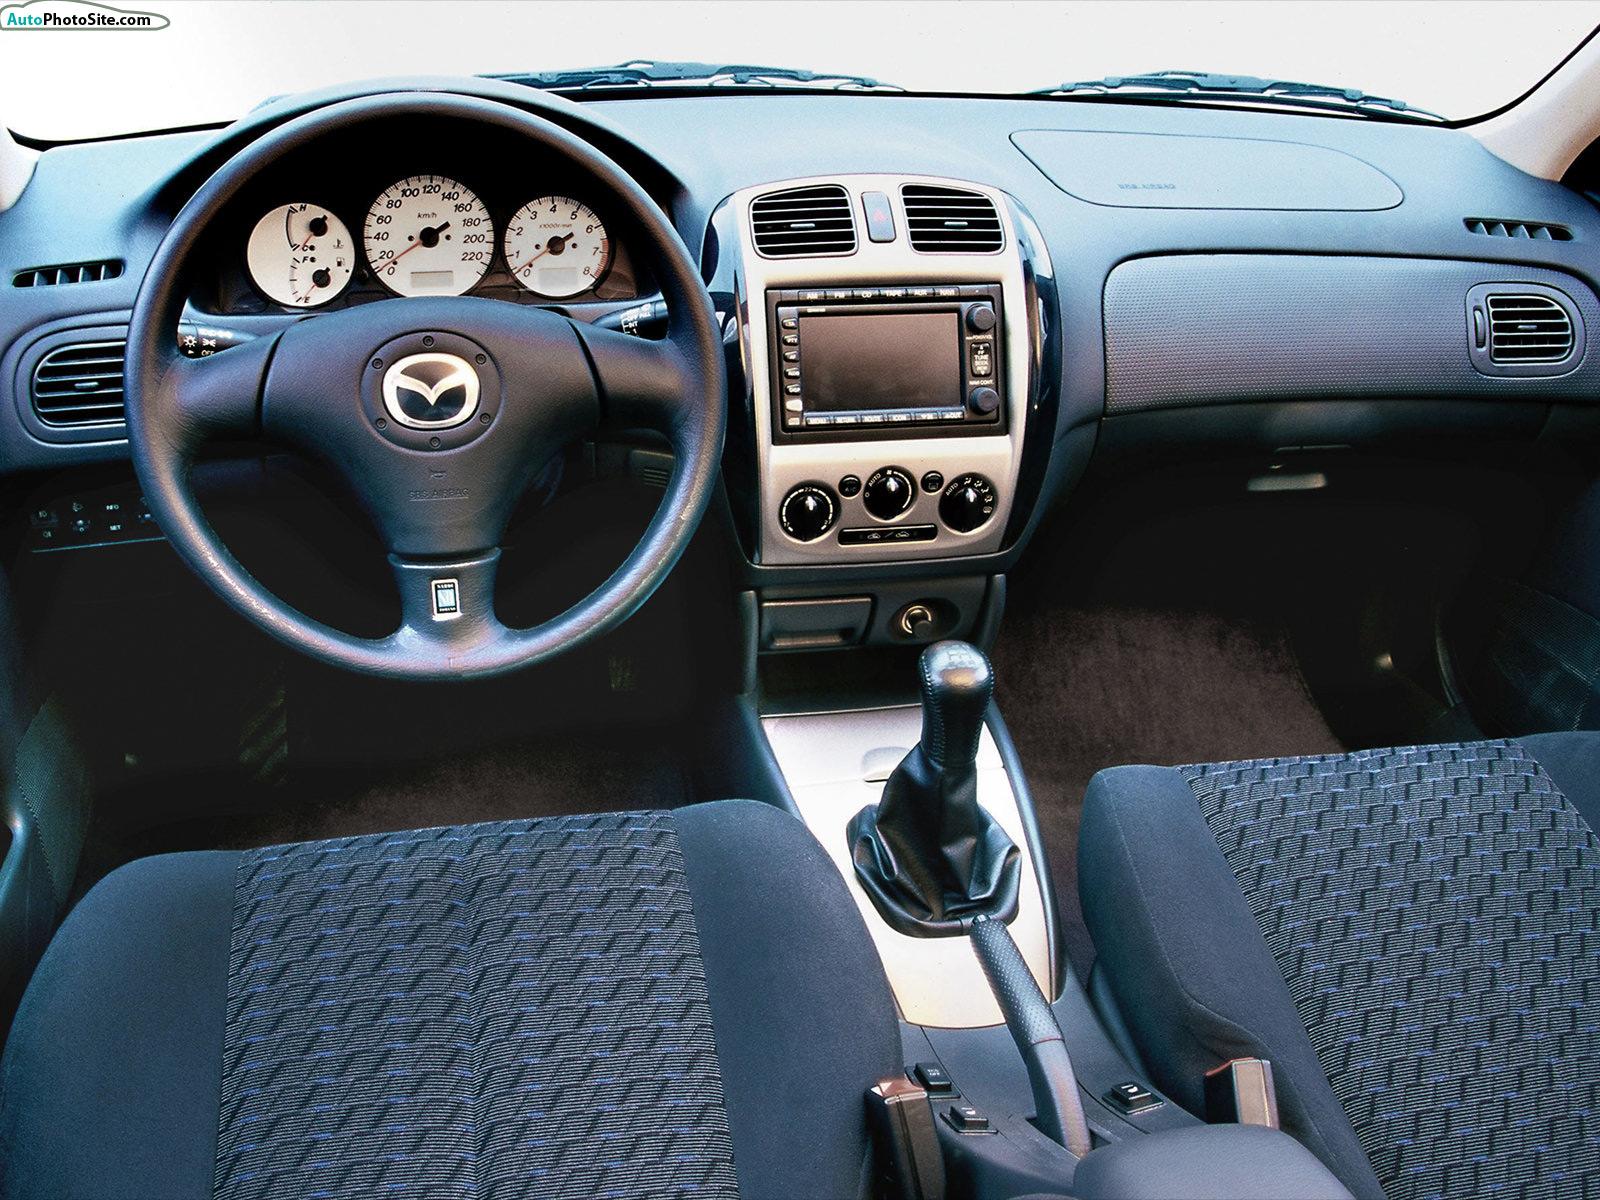 Mazda 323 Sp 233 Cifications Techniques Et 233 Conomie De Carburant